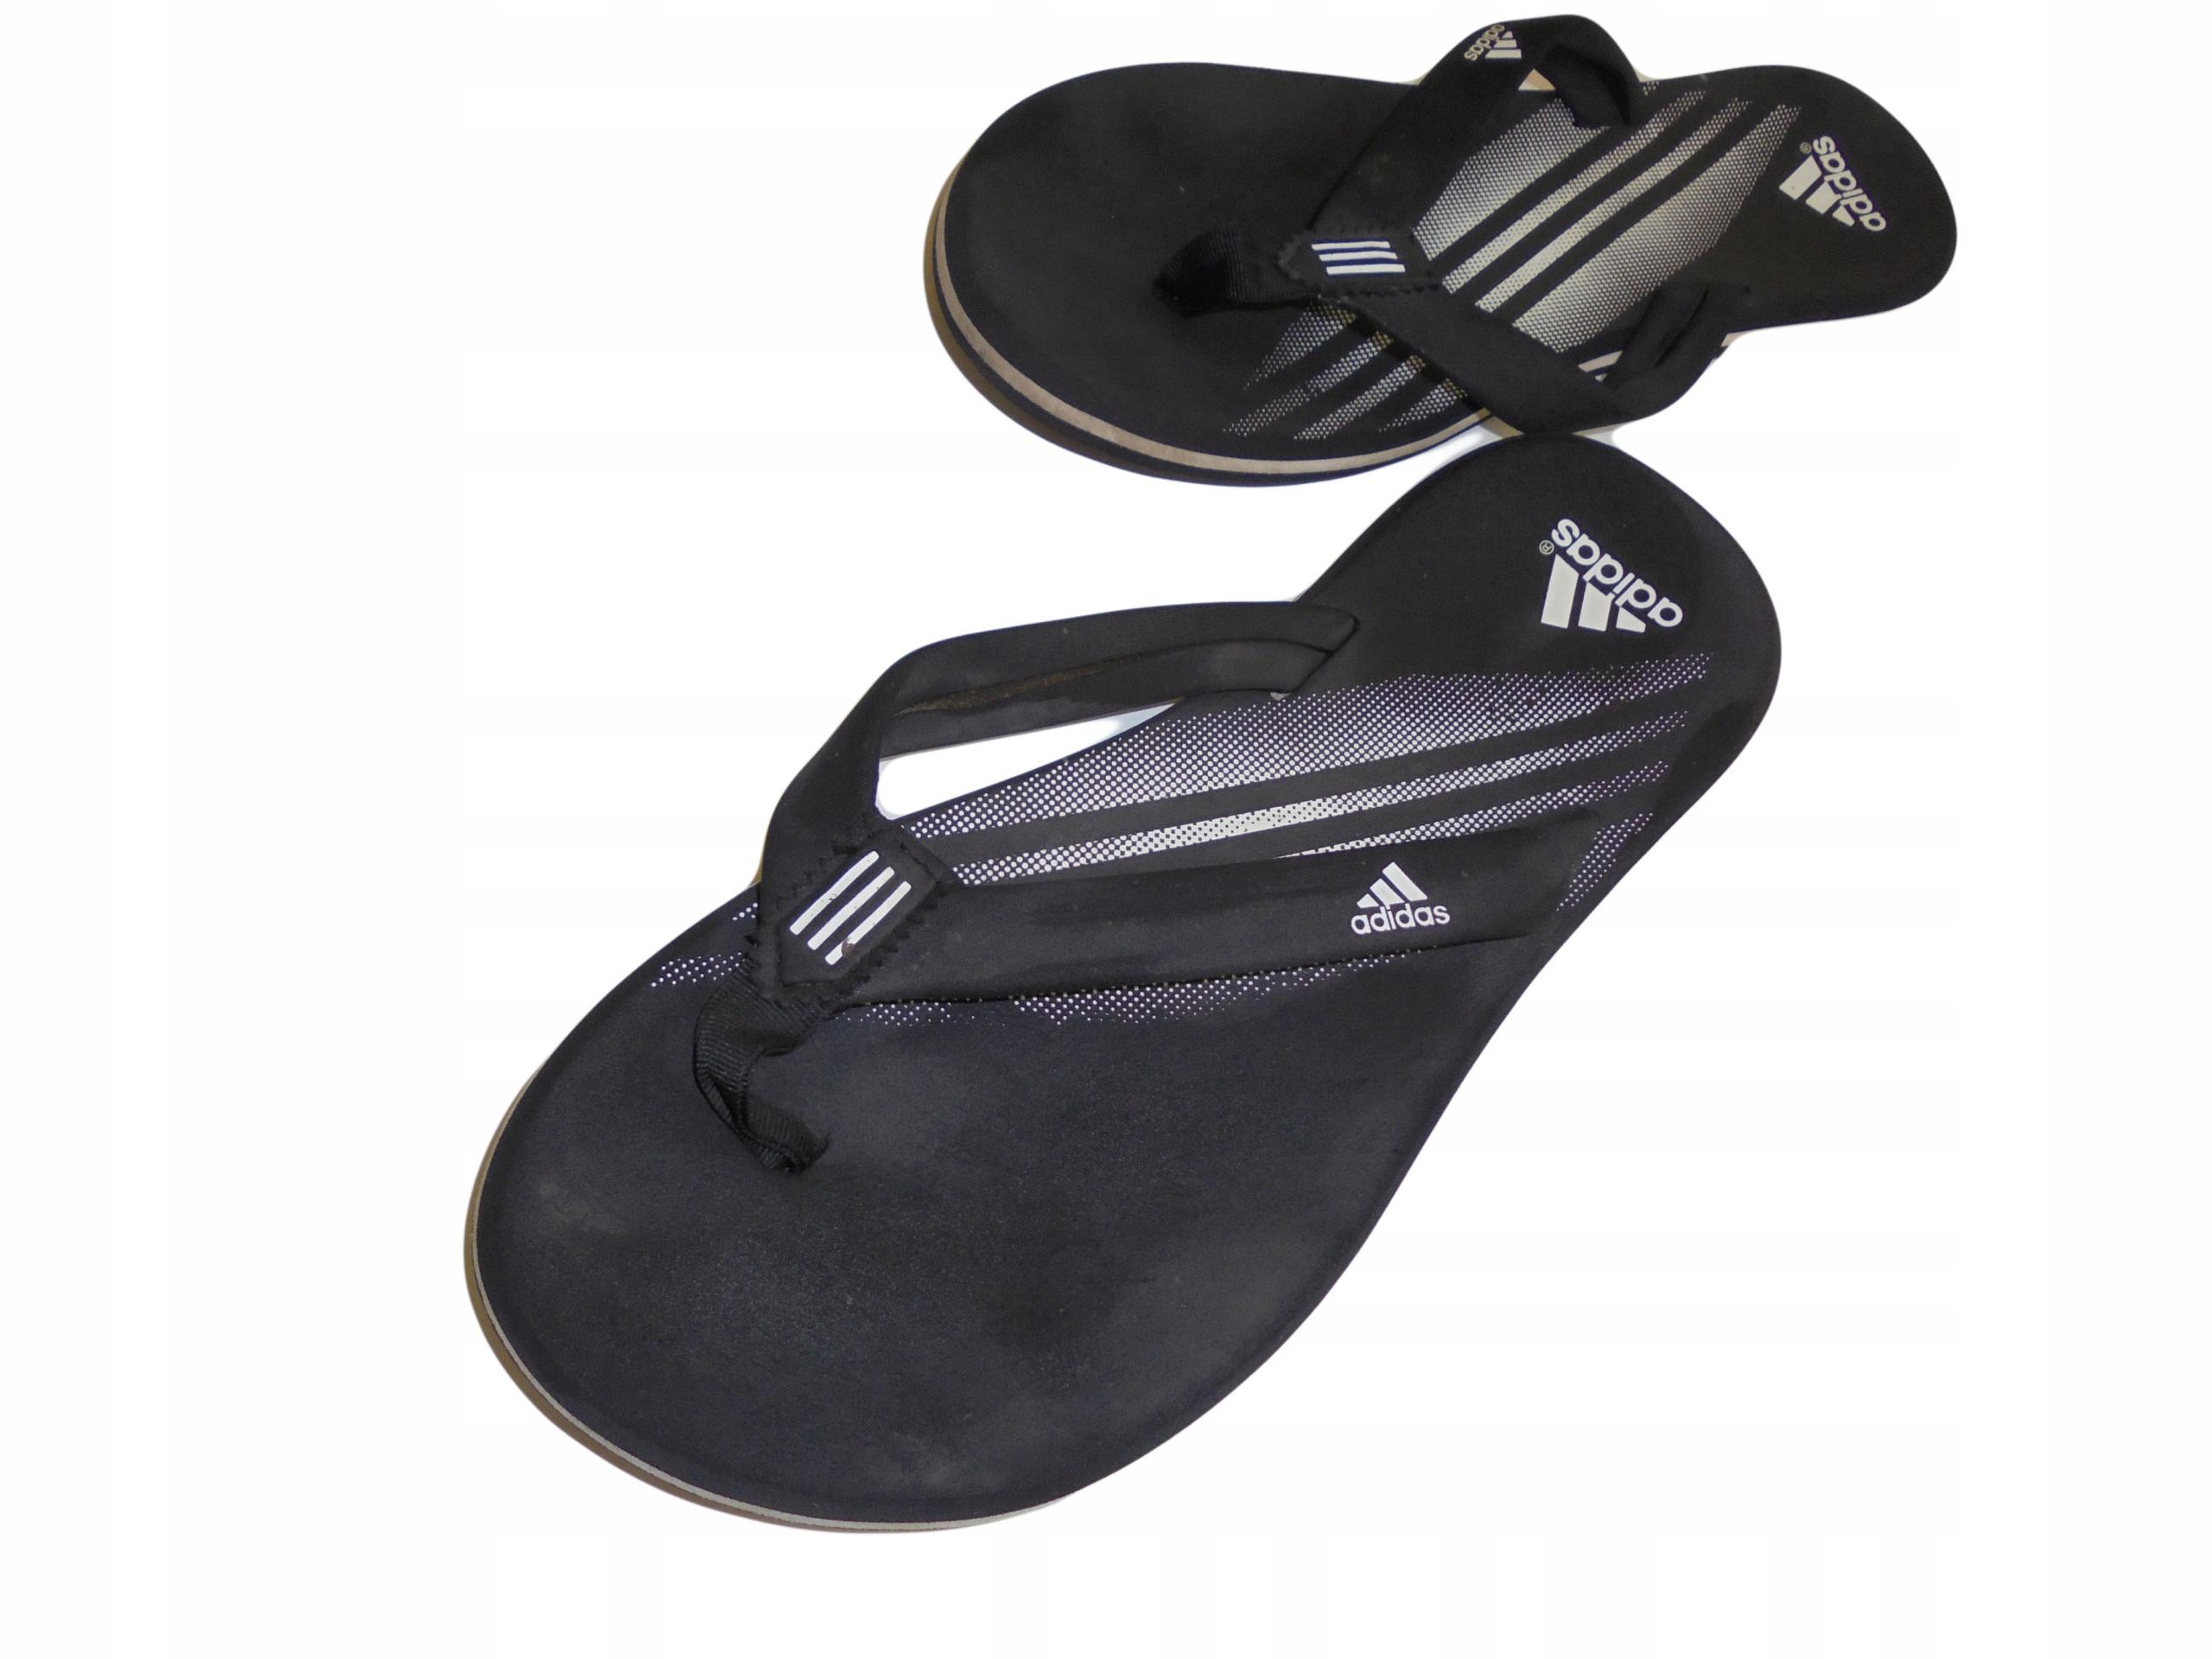 Japonki firmy Adidas. Rozmiar 46.